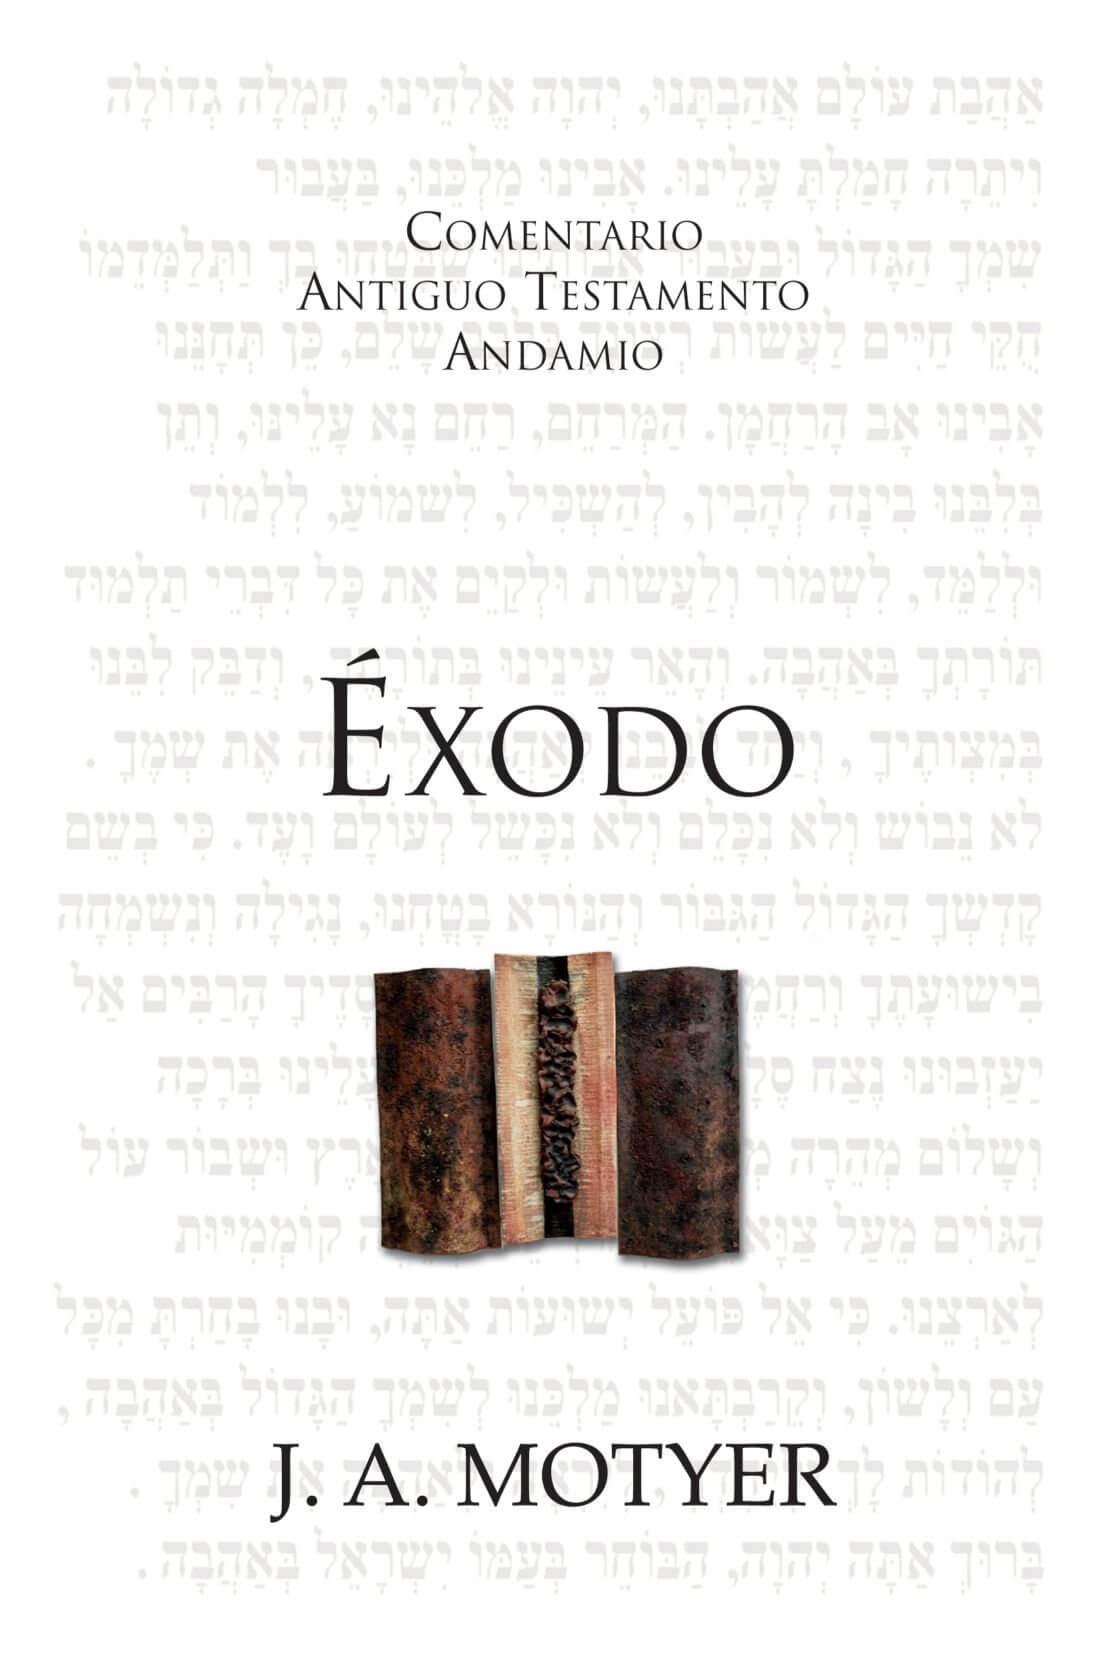 COMENTARIO ANTIGUO TESTAMENTO ANDAMIO - EXODO